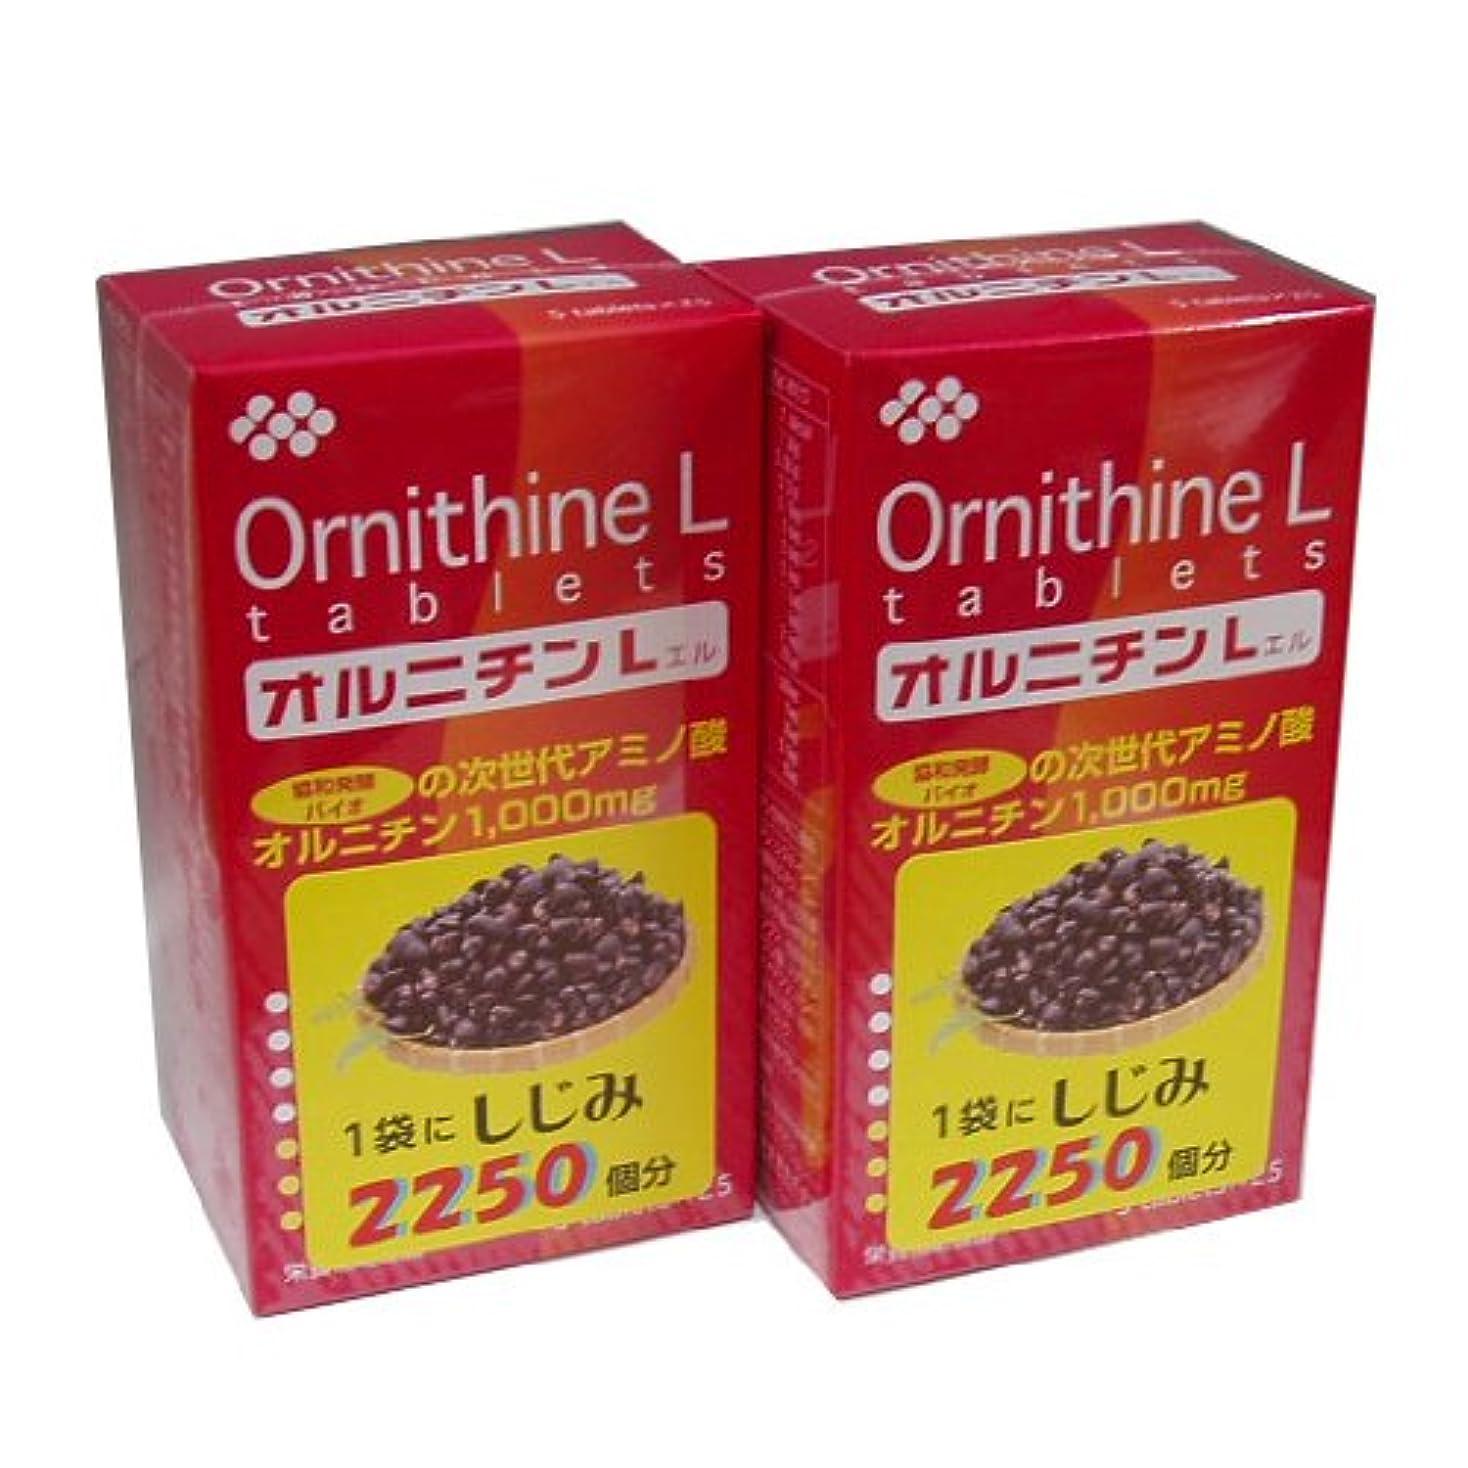 スープ愛背骨伸和製薬オルニチンL (5粒×25袋)×2個セット